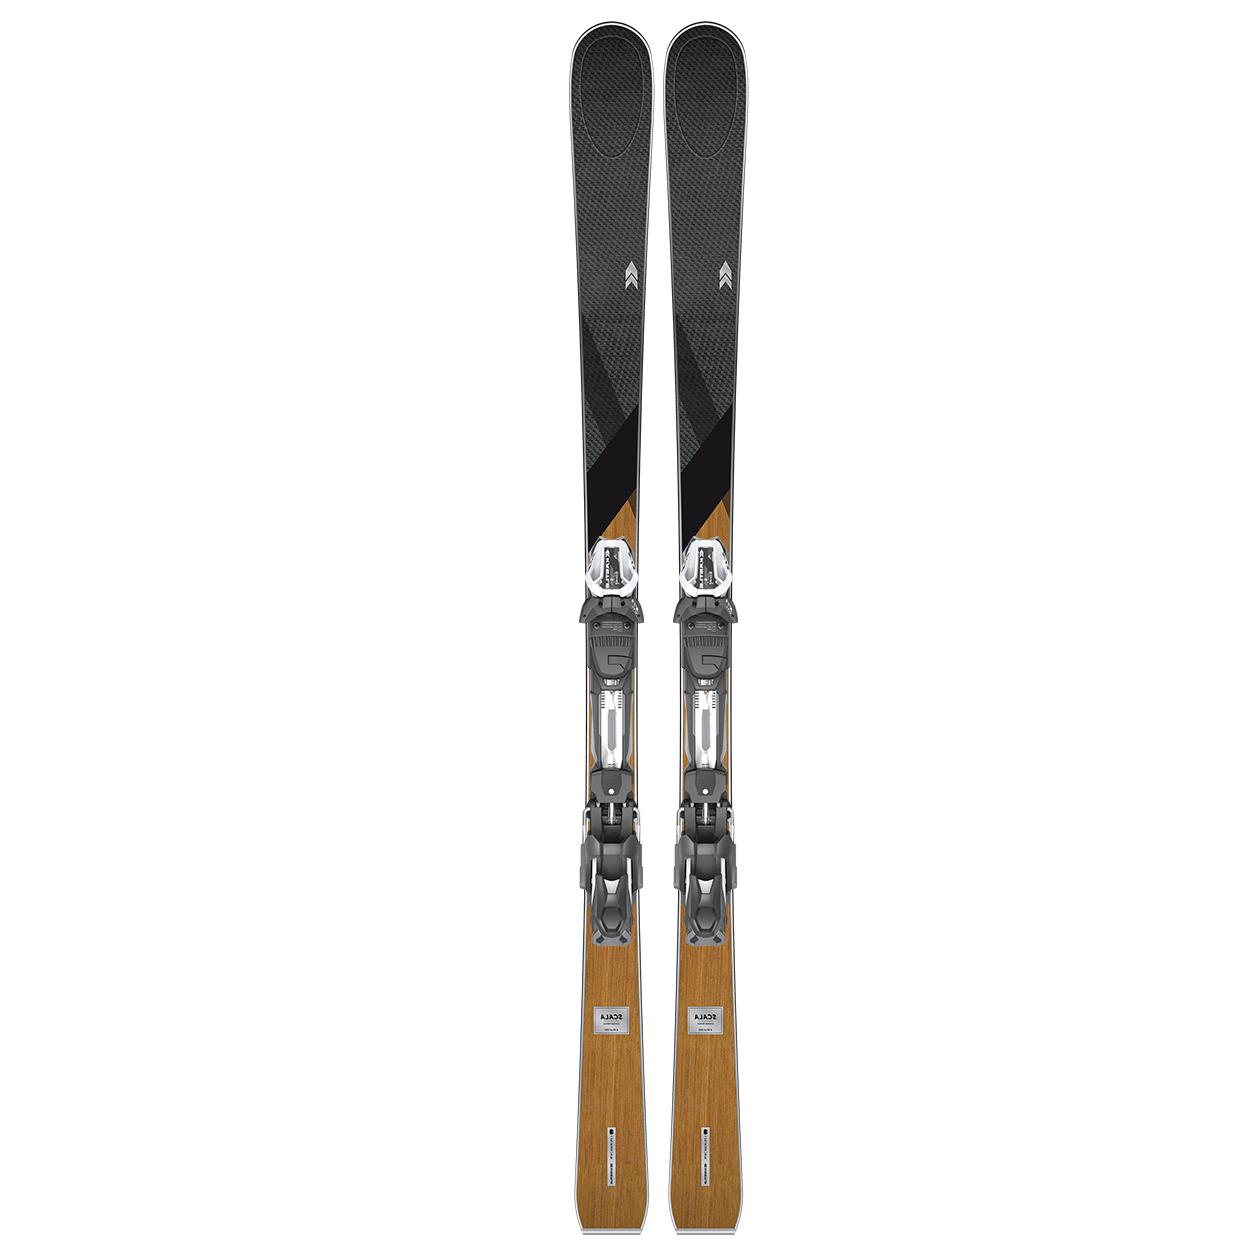 Ski -  kastle LTD70 SCALA + K12 TRI GW